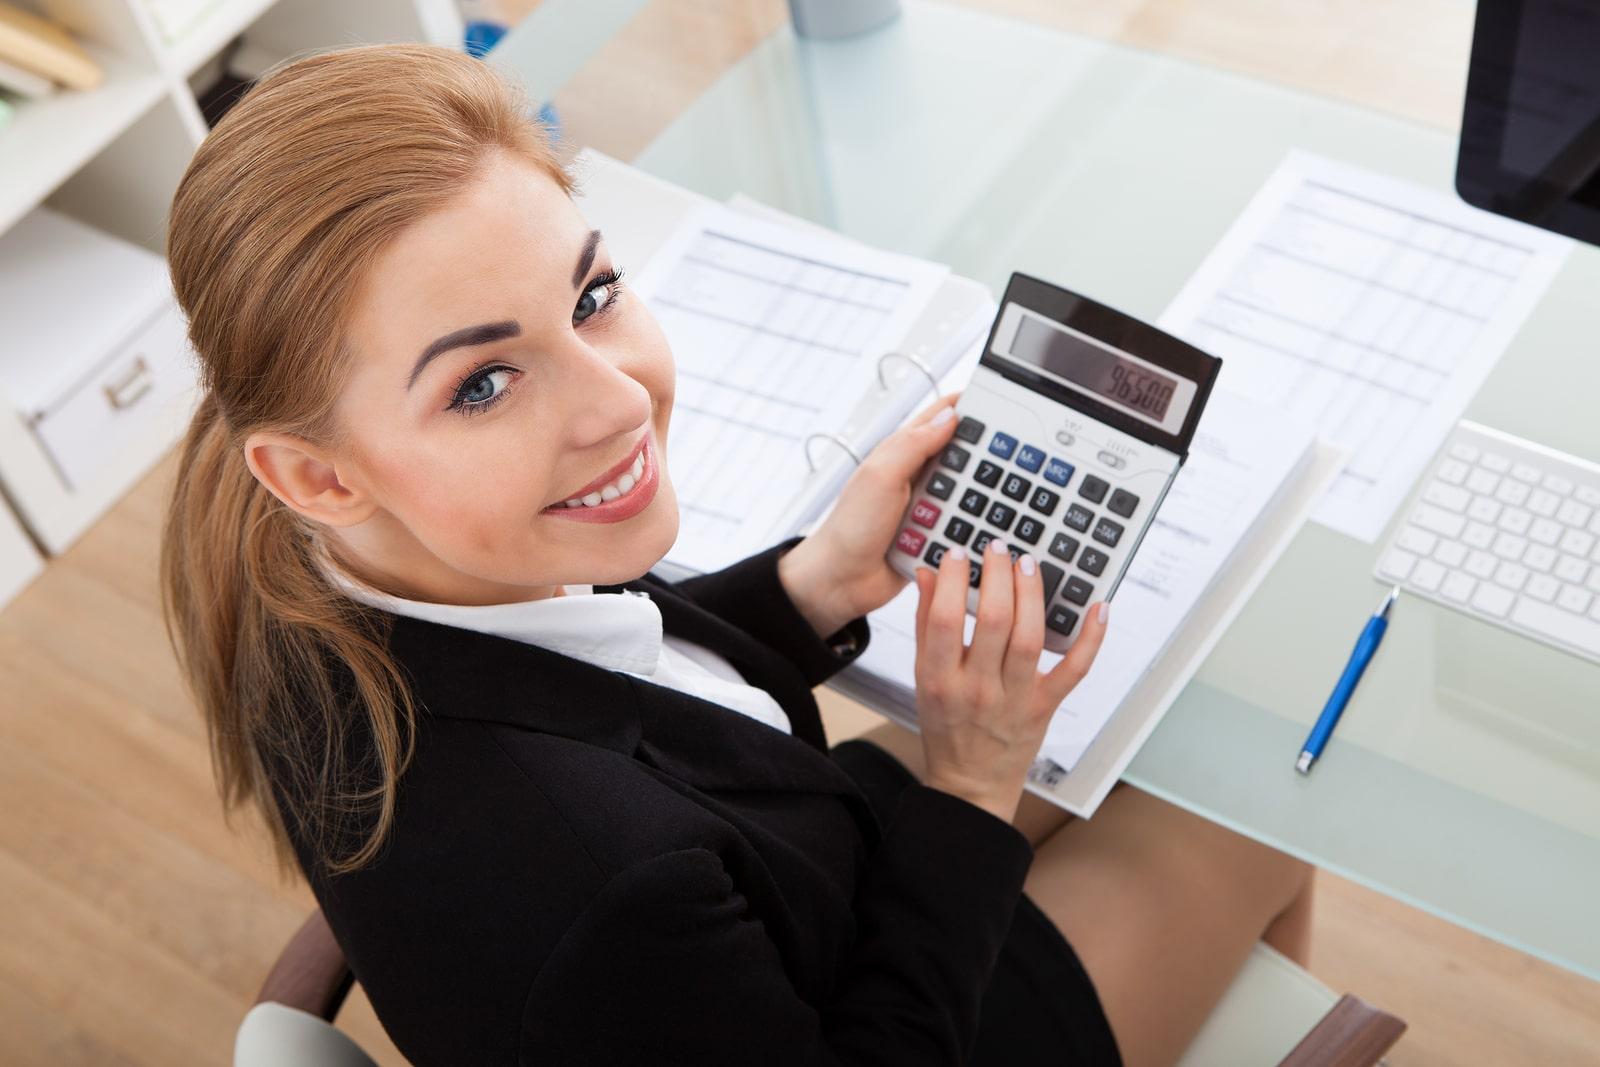 Бухгалтерские услуги вакансии бухгалтер должностная инструкция вулканизаторщика